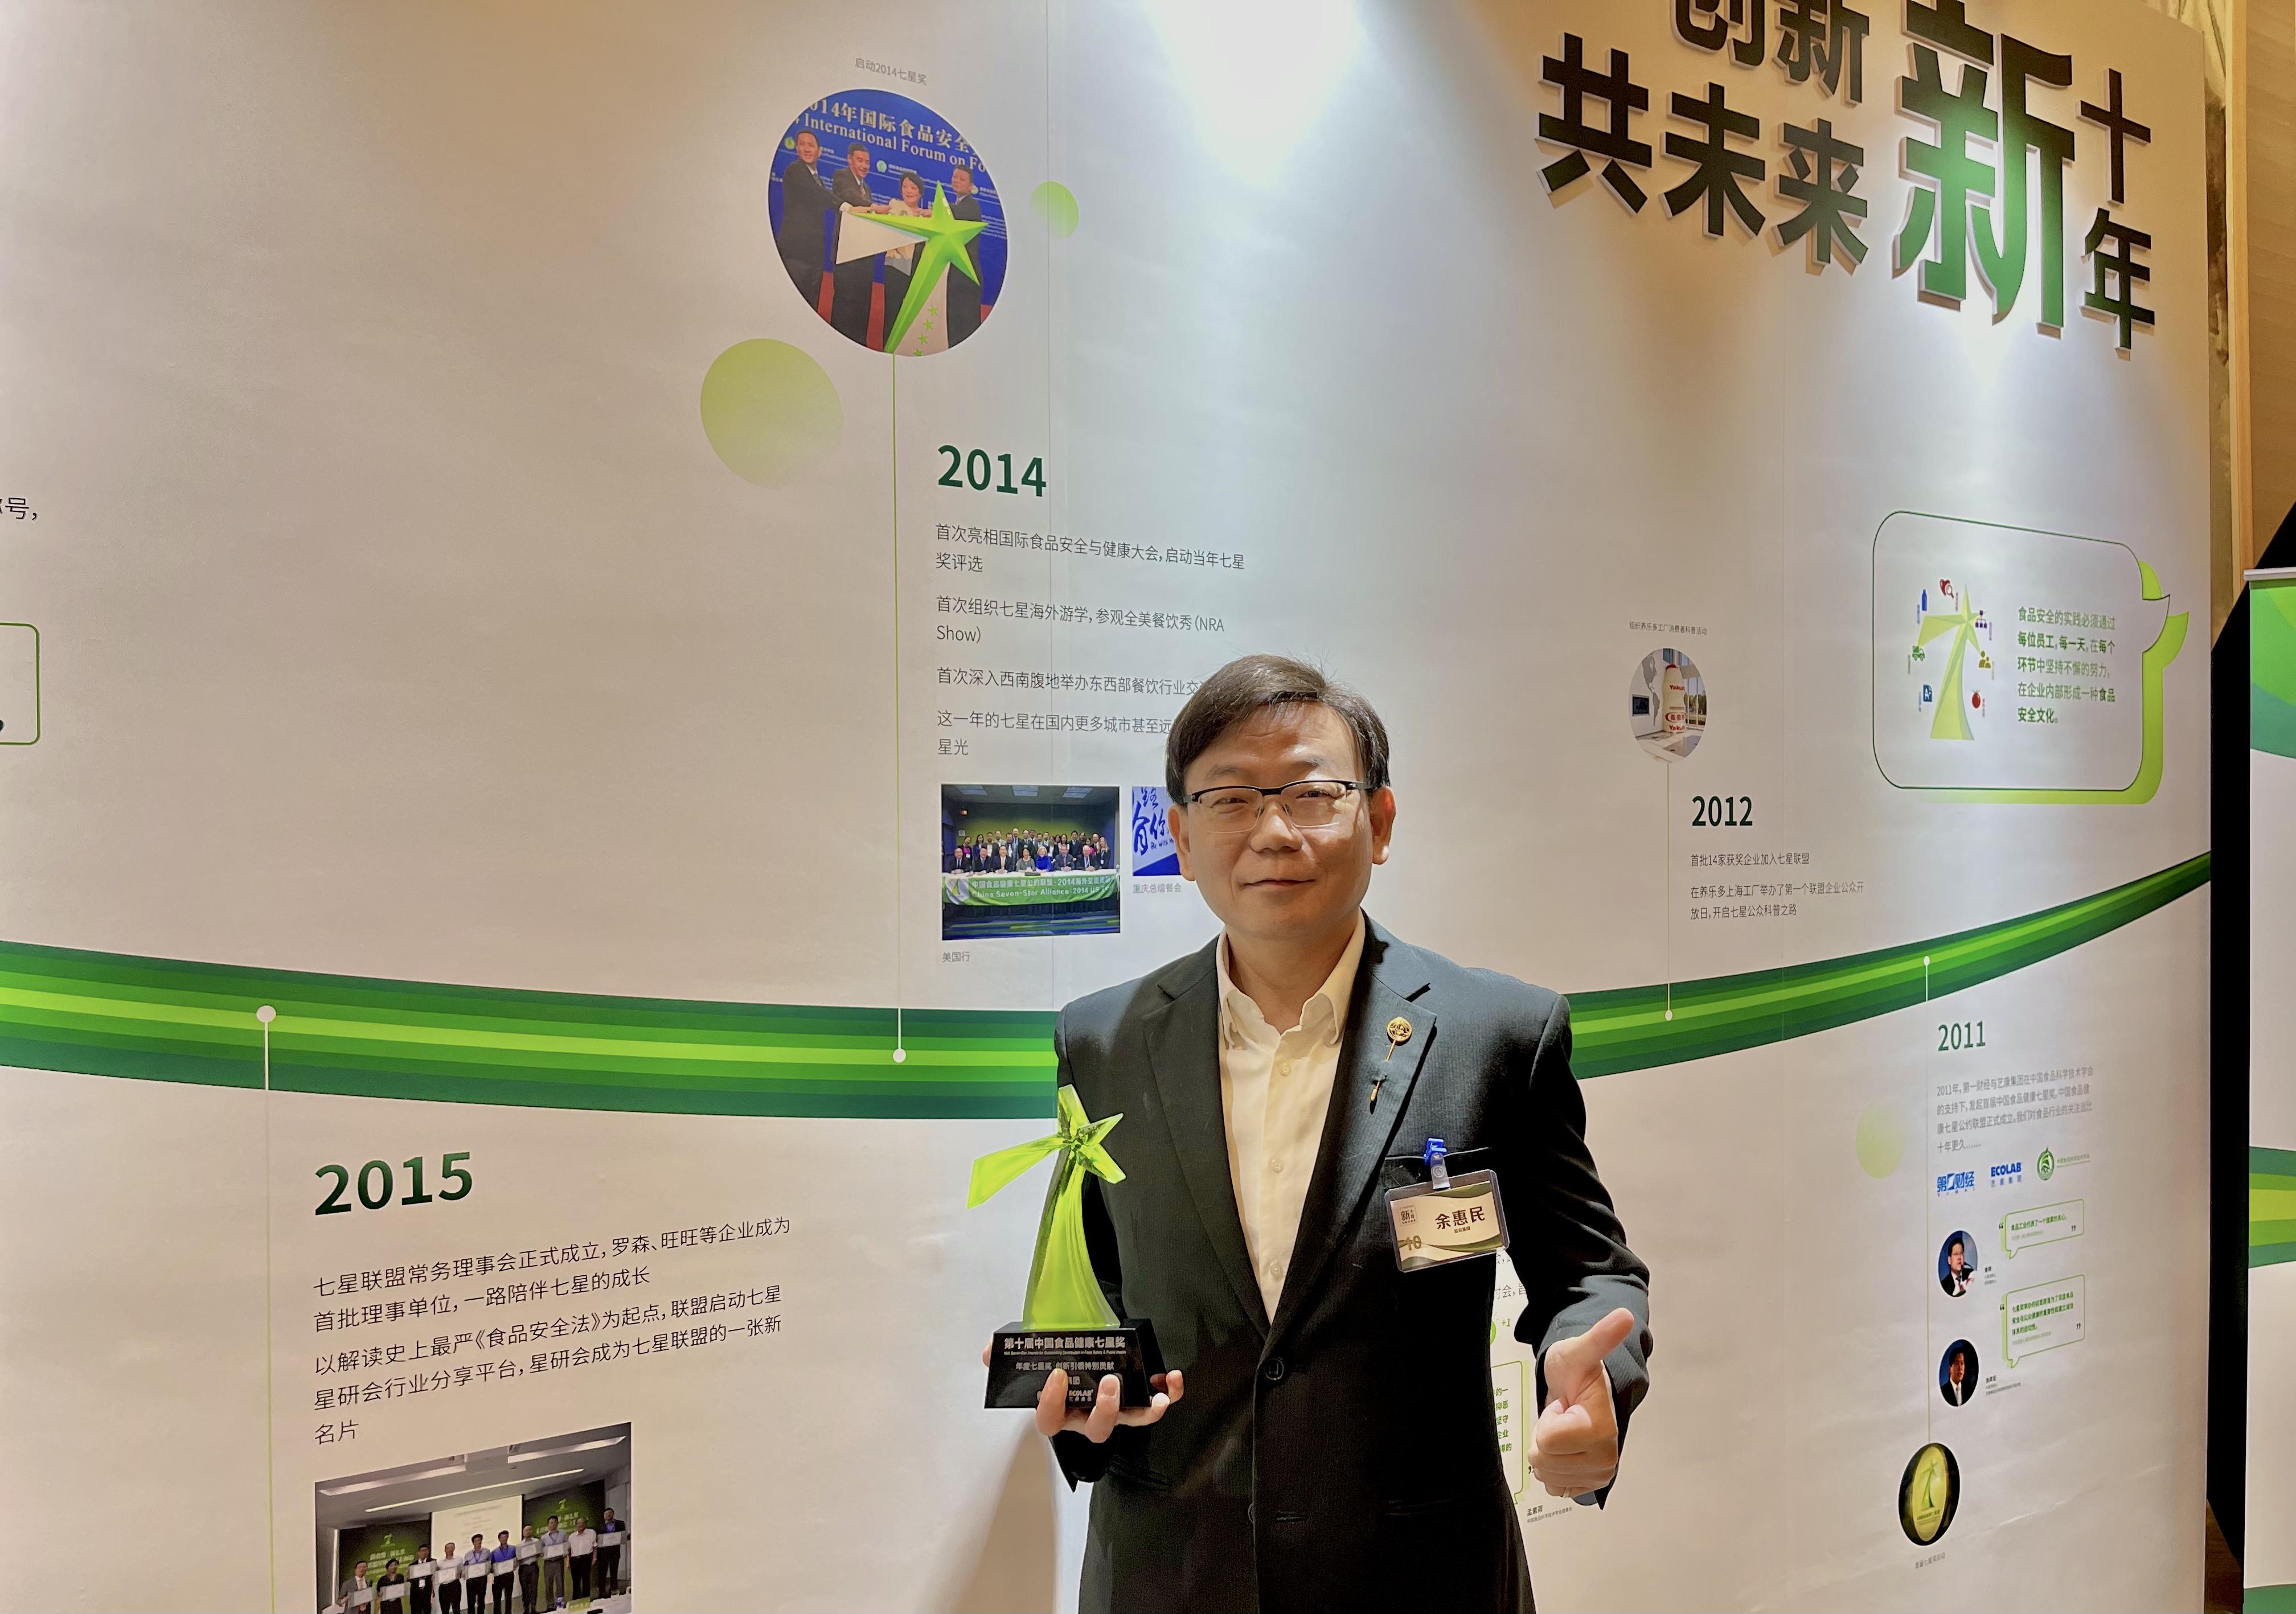 """旺旺集团荣获""""第十届中国食品健康七星奖-创新特别贡献奖"""""""